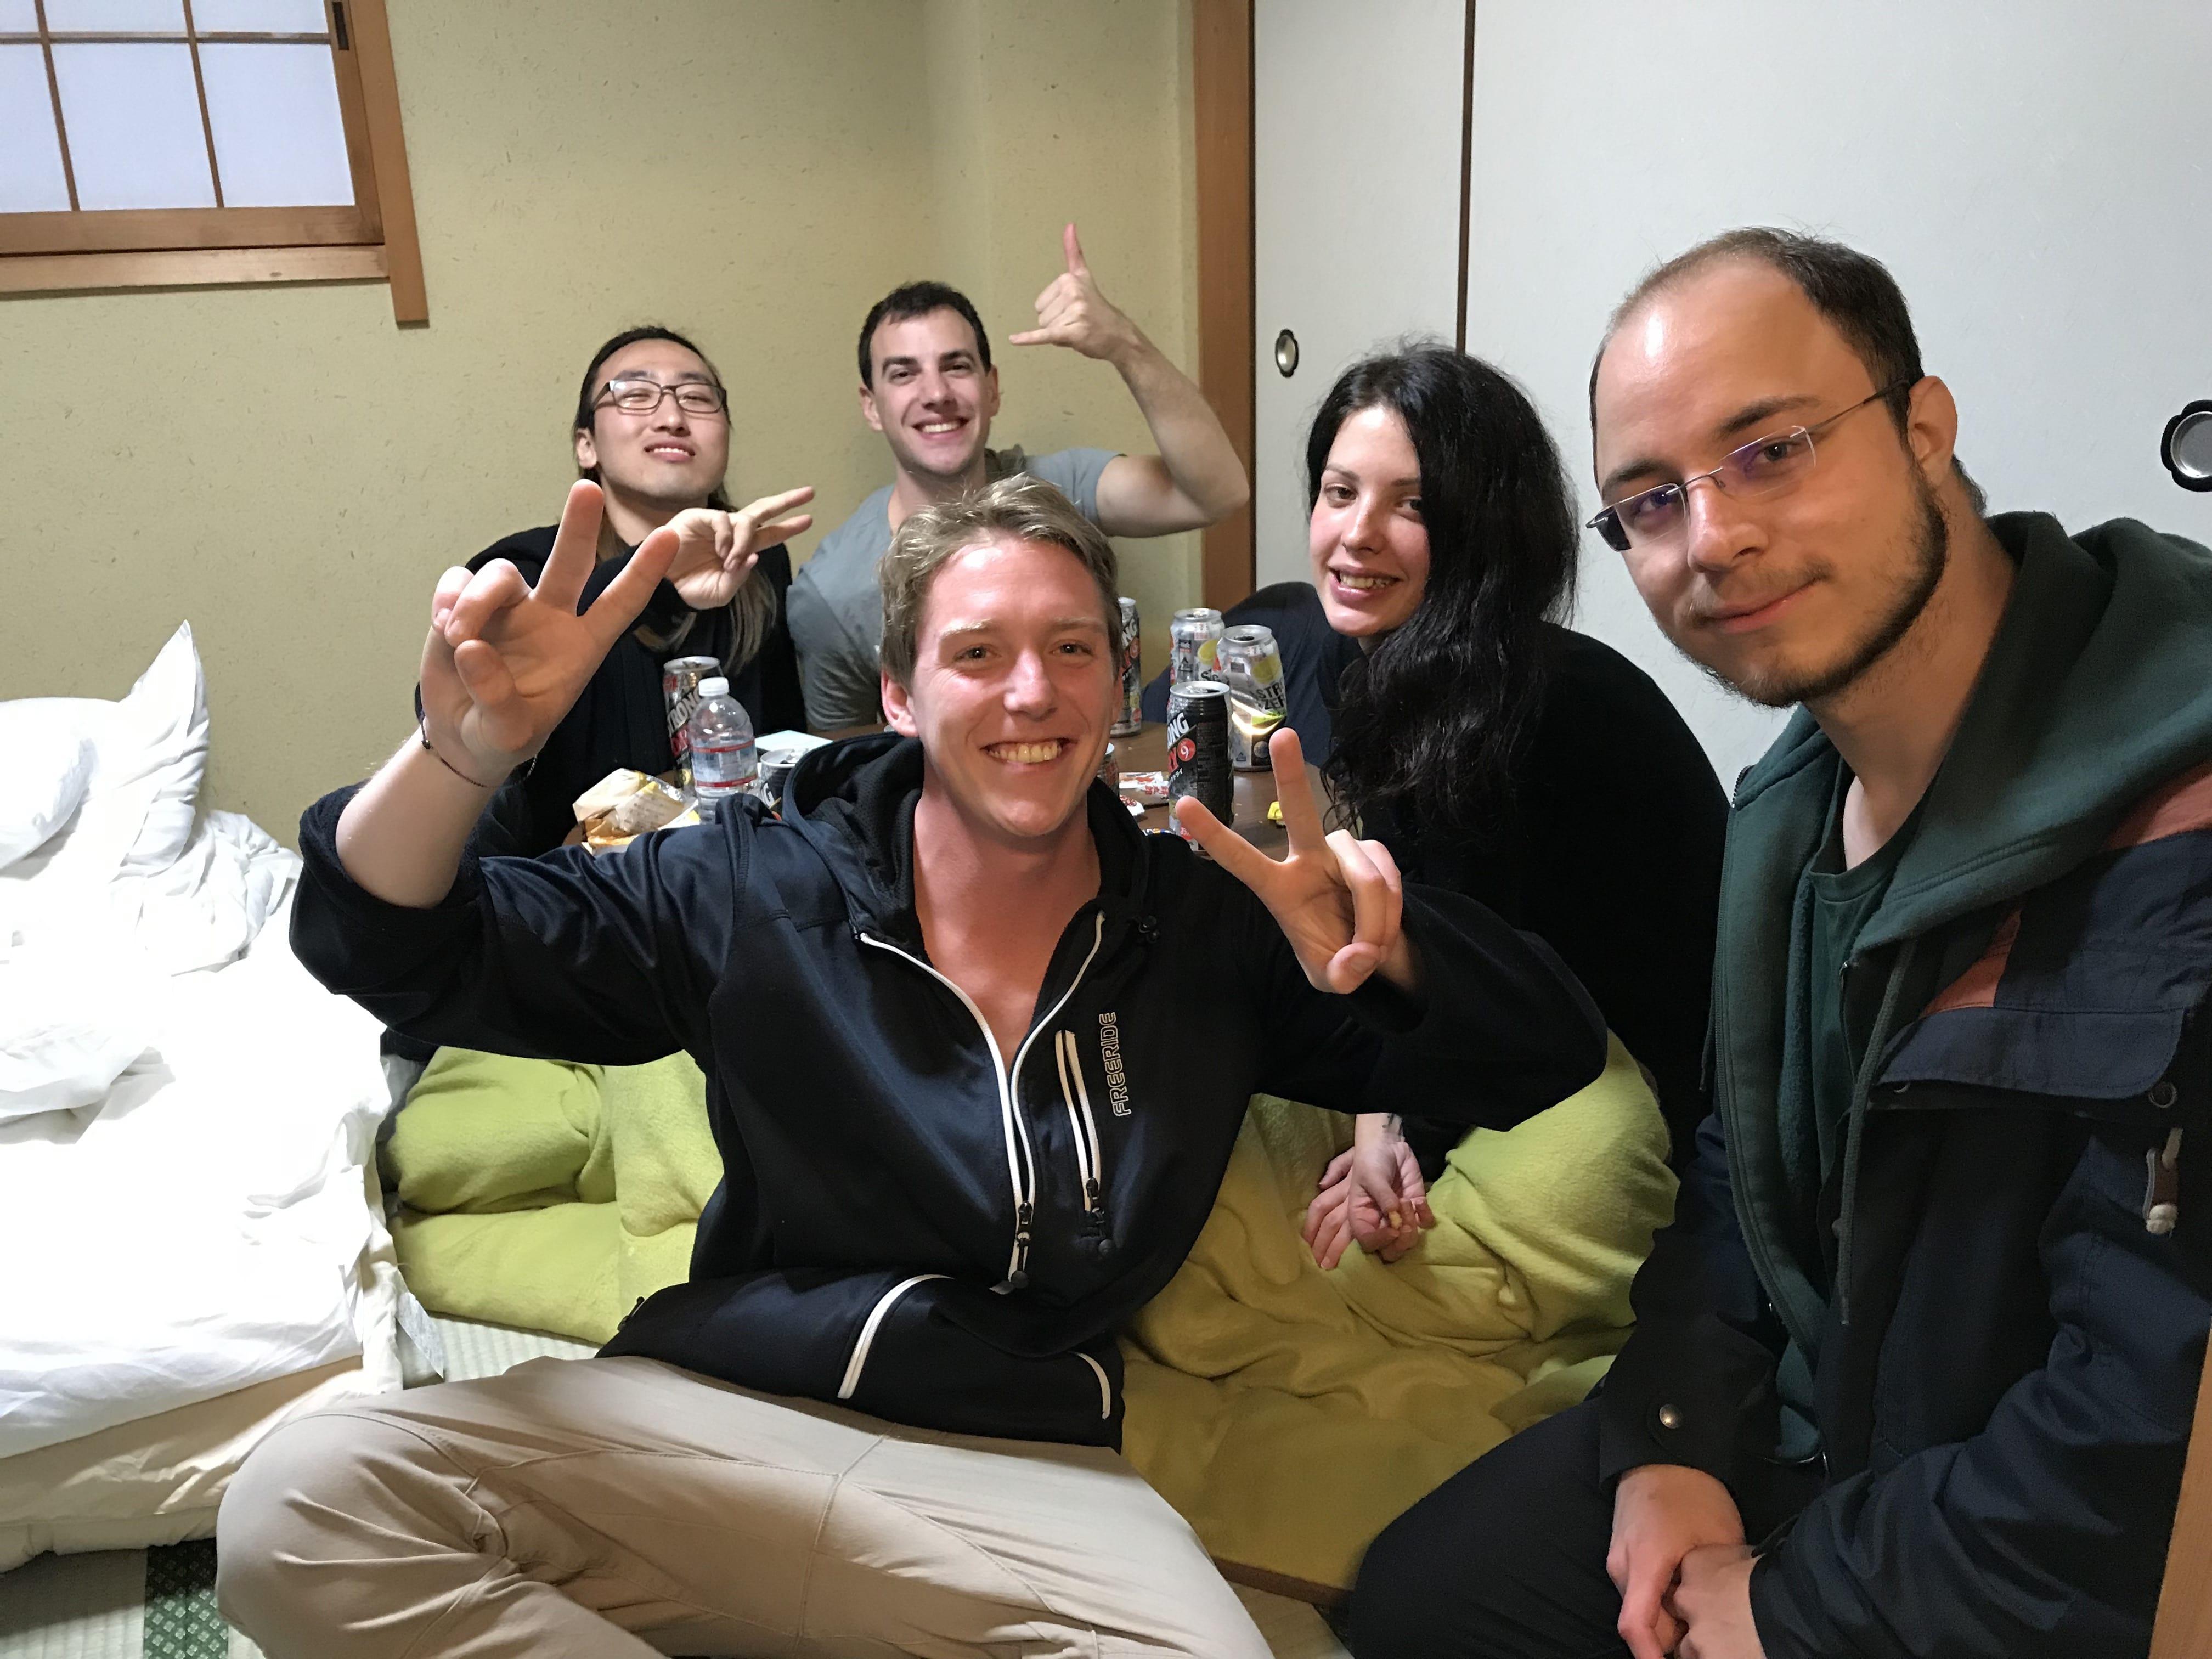 |岡山|ゲストハウス|岡山で外国人と毎週末パーティーできるゲストハウスの求人募集中。(新規開業)